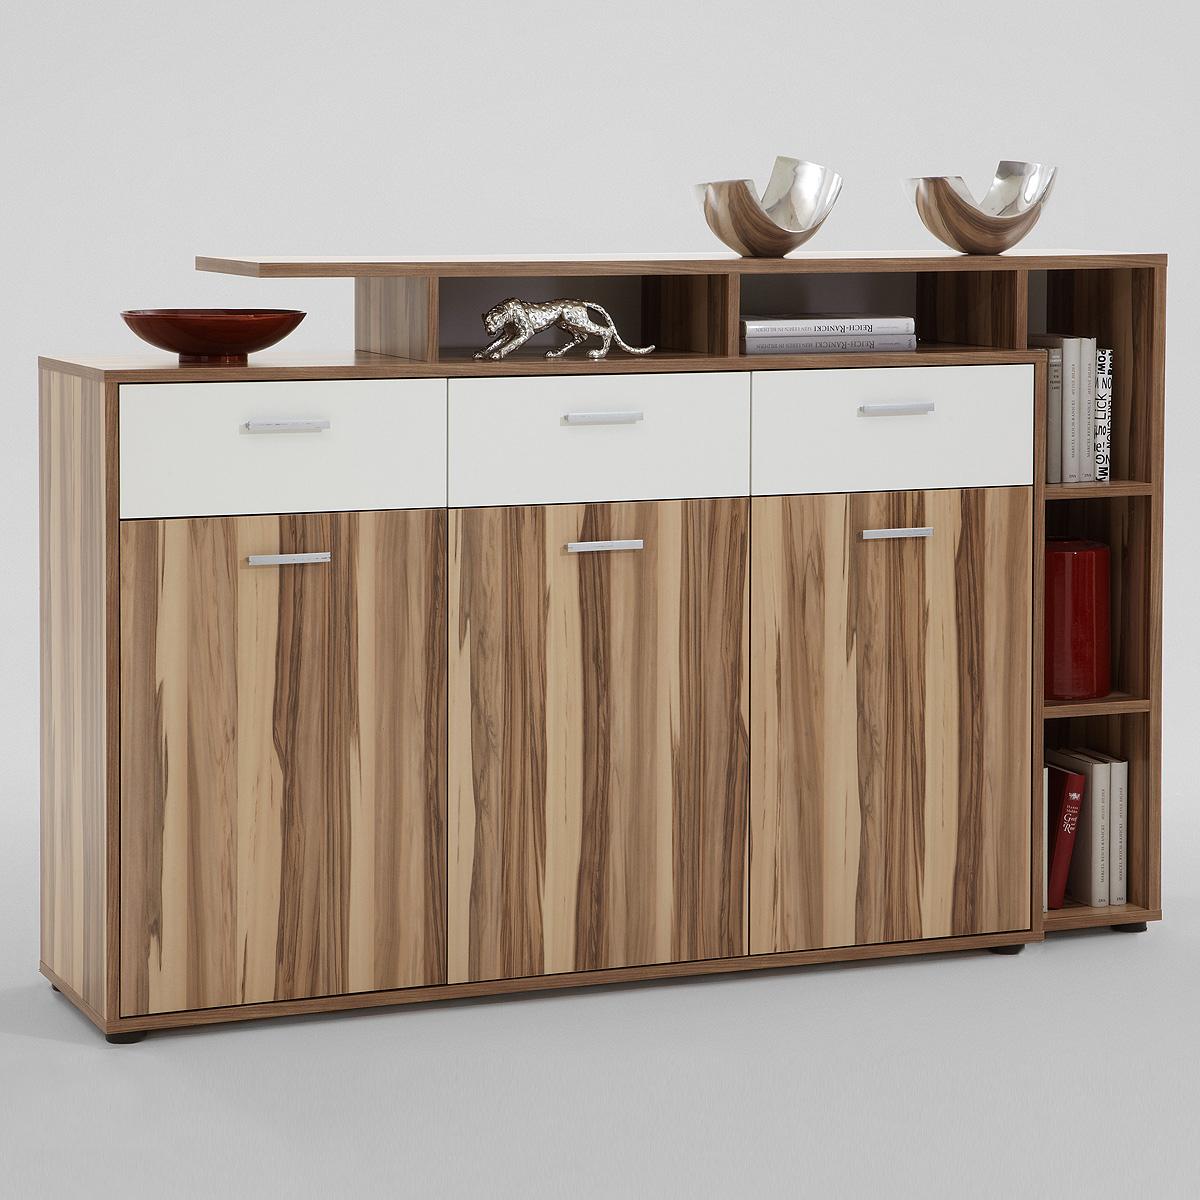 sideboard comida 2 highboard anrichte kommode schrank. Black Bedroom Furniture Sets. Home Design Ideas